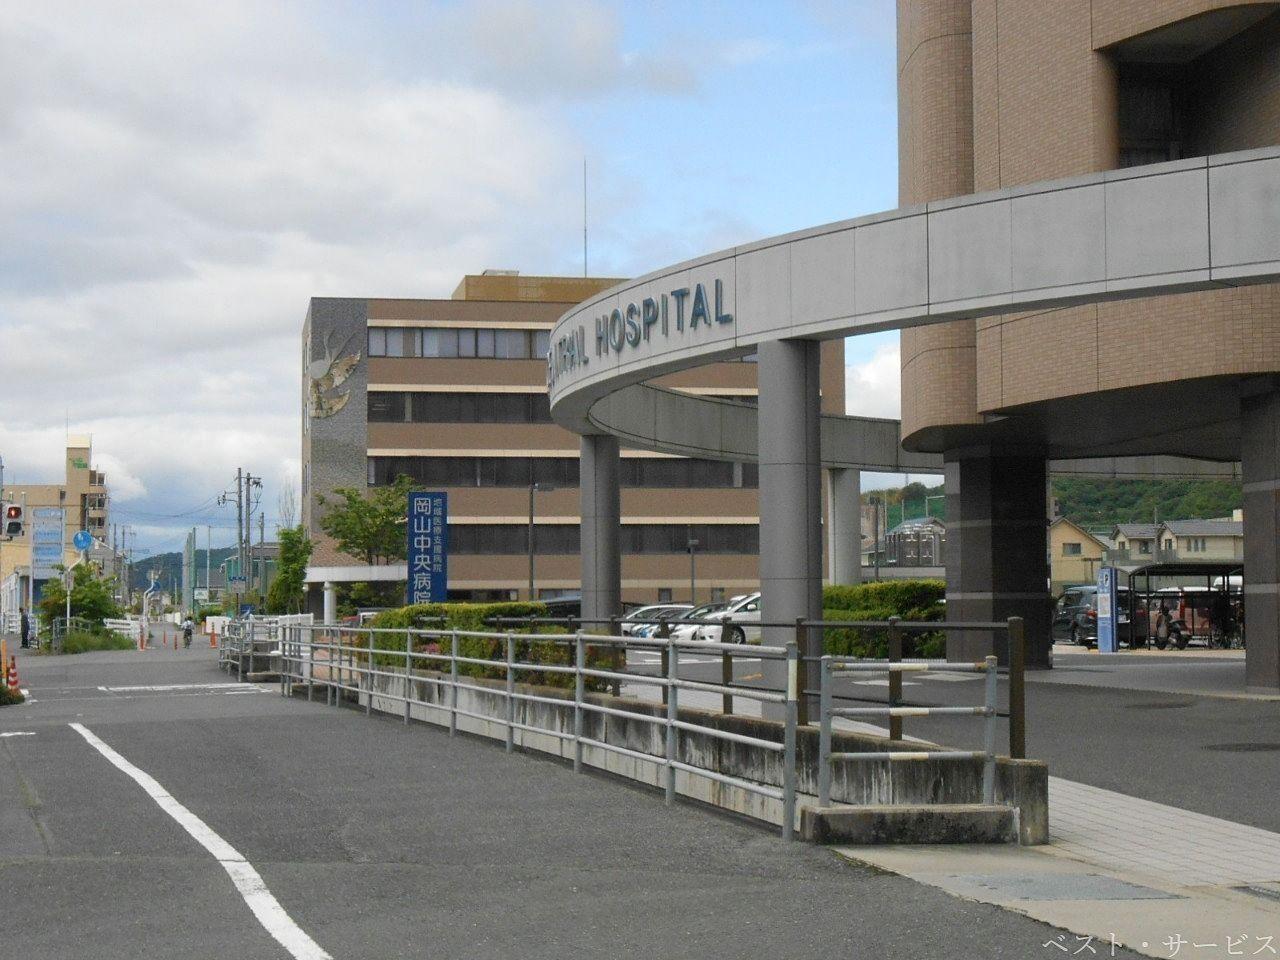 岡山中央病院・新たな棟建設始まる?